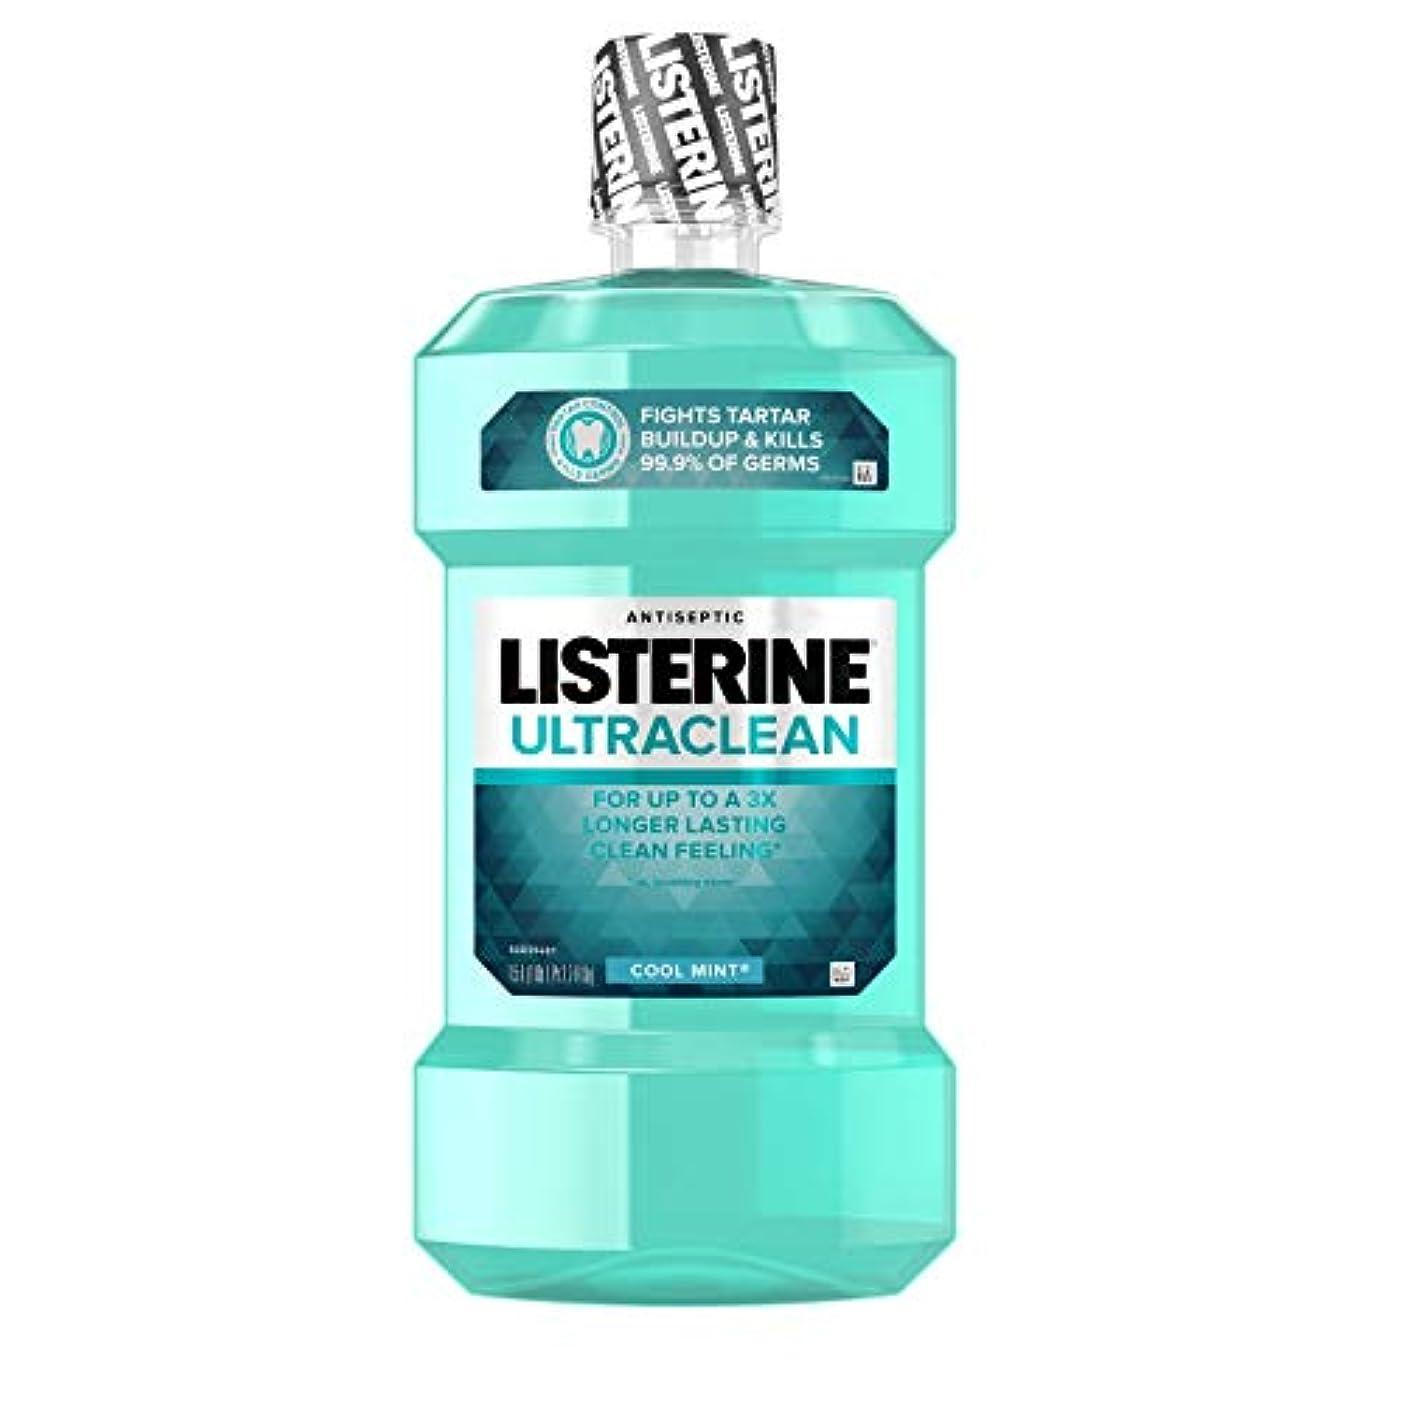 電子レンジ瞳タイルListerine ウルトラクリーンEverfresh技術とオーラルケア消毒うがい薬1.5 L、ミントクール、口臭、歯肉炎、歯垢および歯石を戦うのを助けるために、6パック